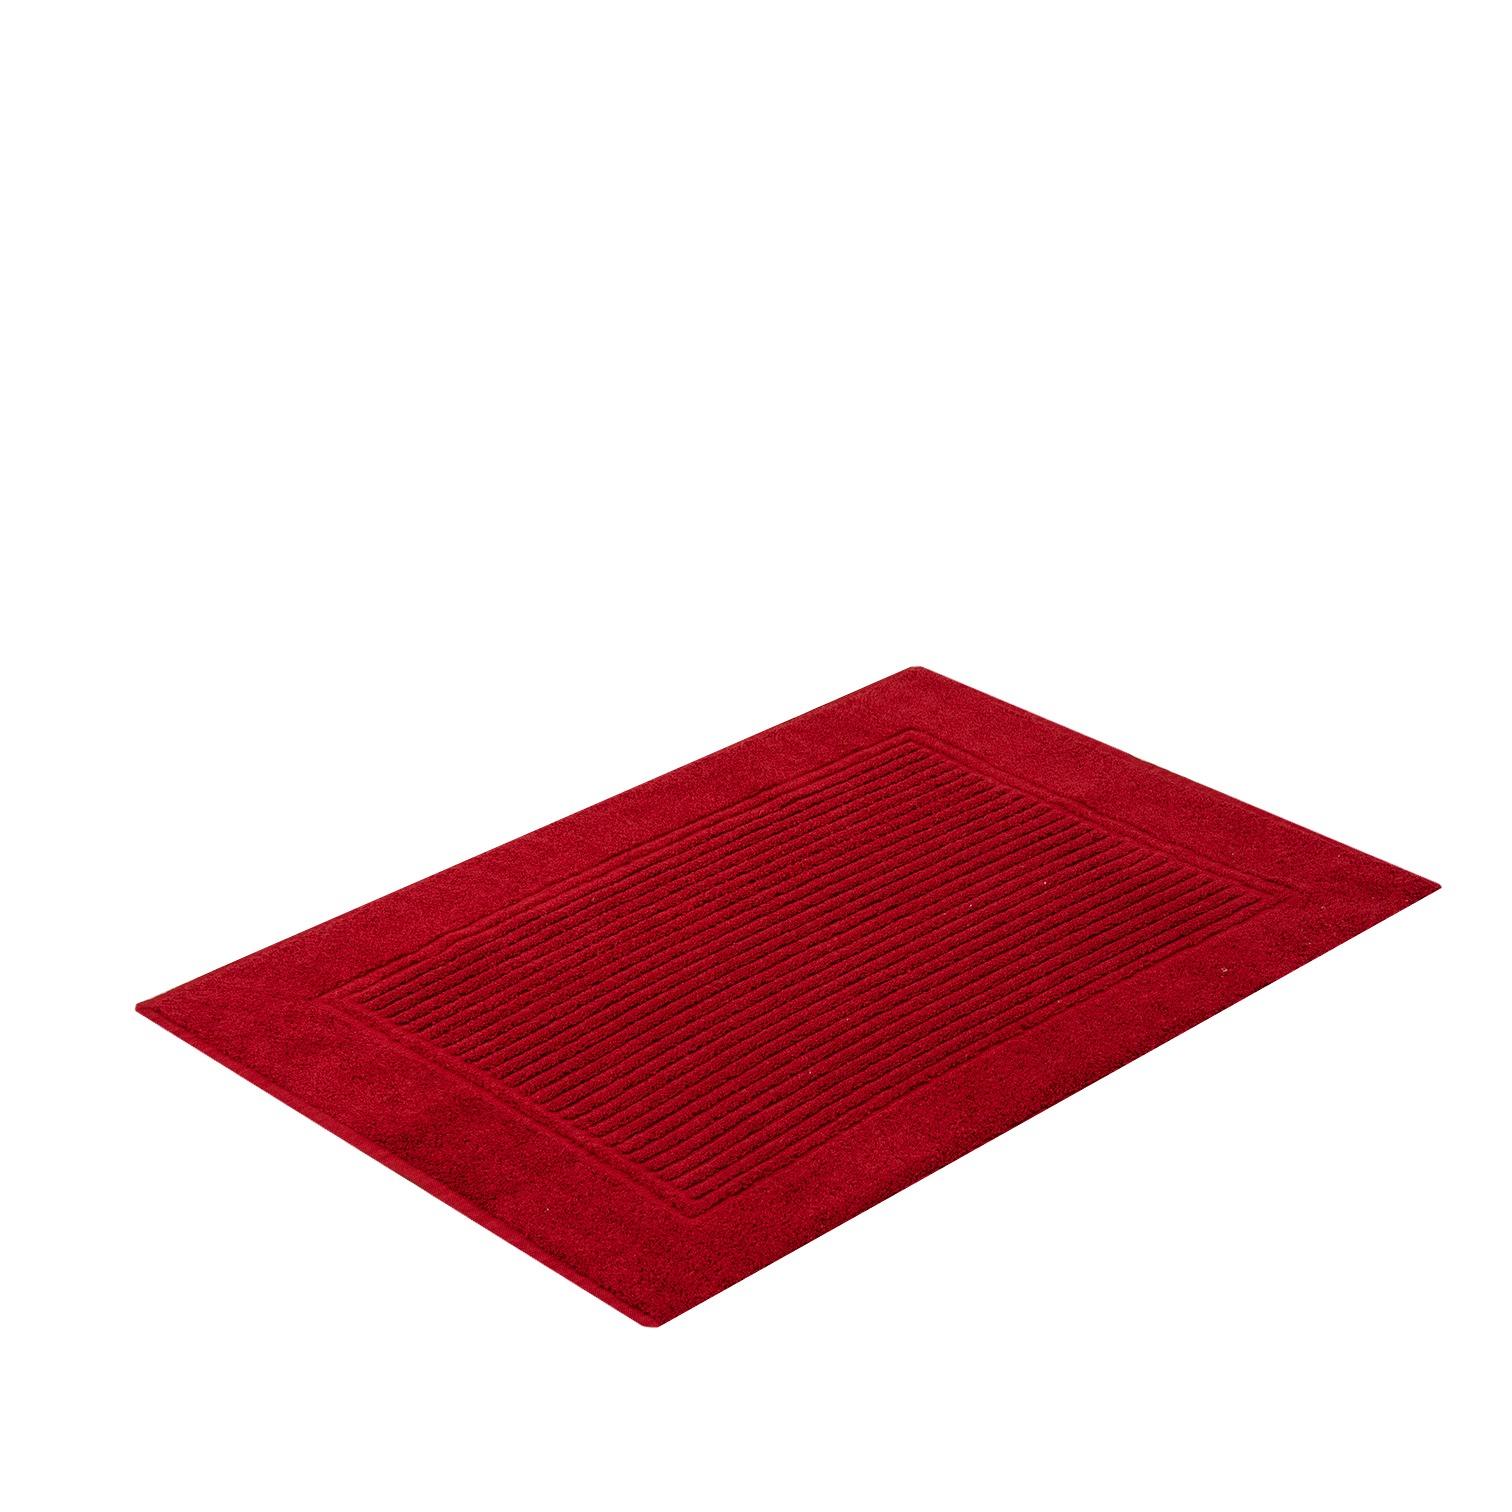 Toalha de Piso 48 x 70 cm 100 algodao Vermelho - Buddemeyer